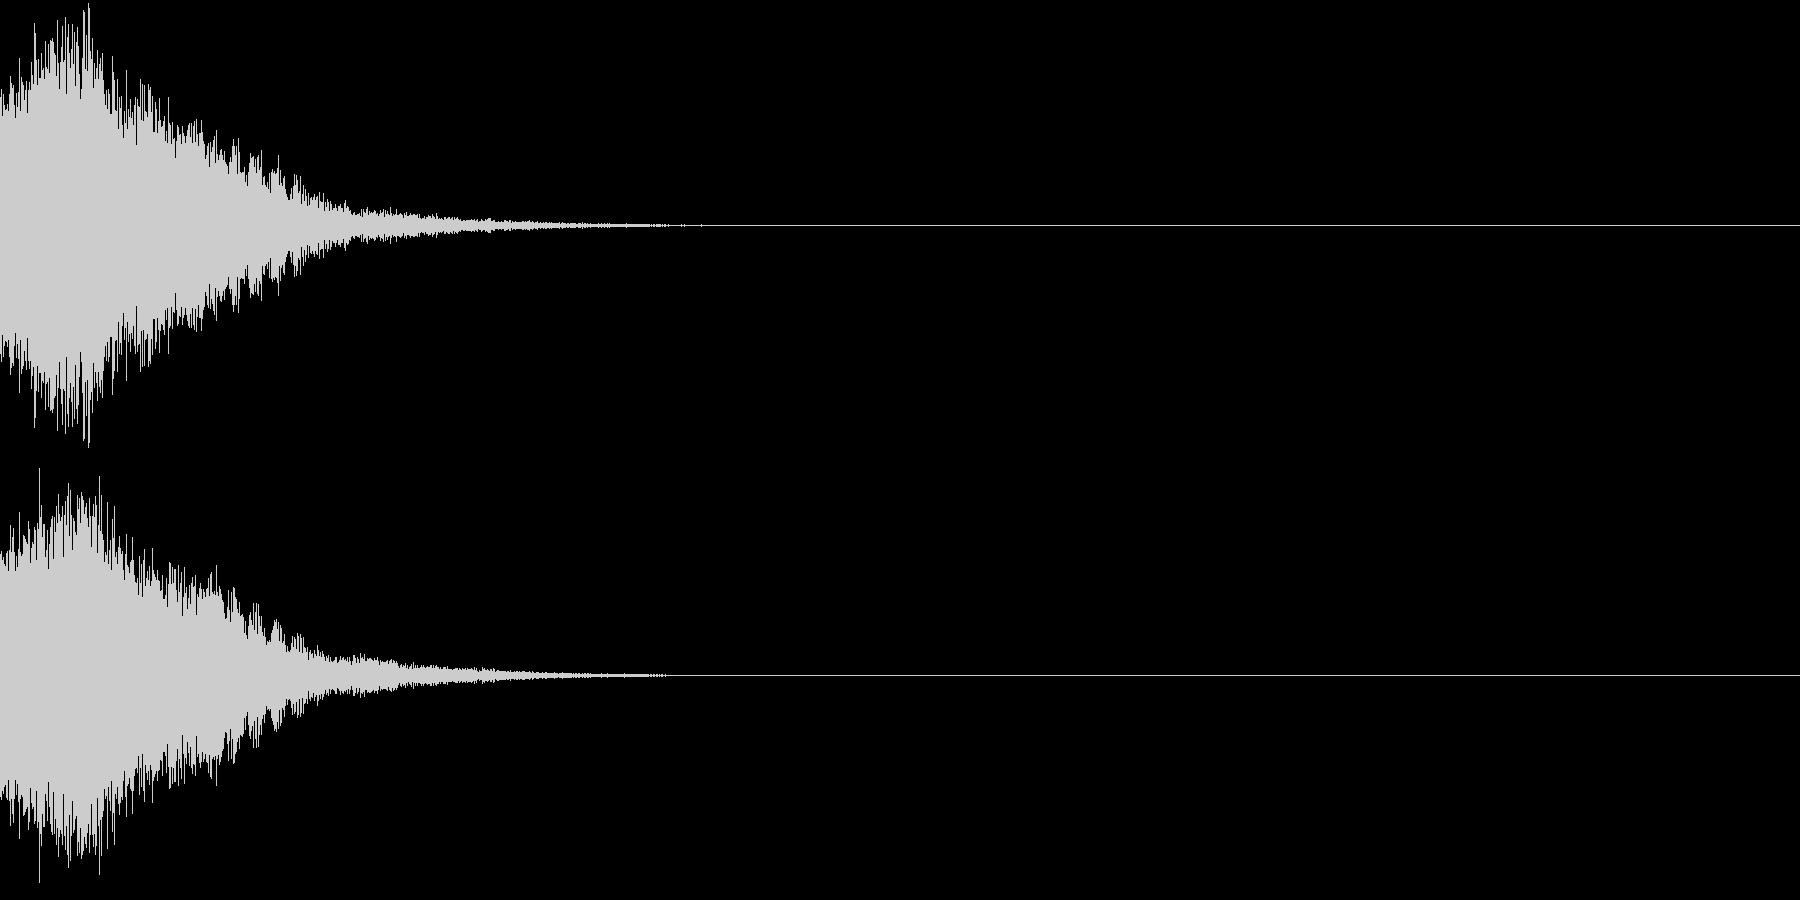 刀 剣 カキーン シャキーン 目立つ22の未再生の波形